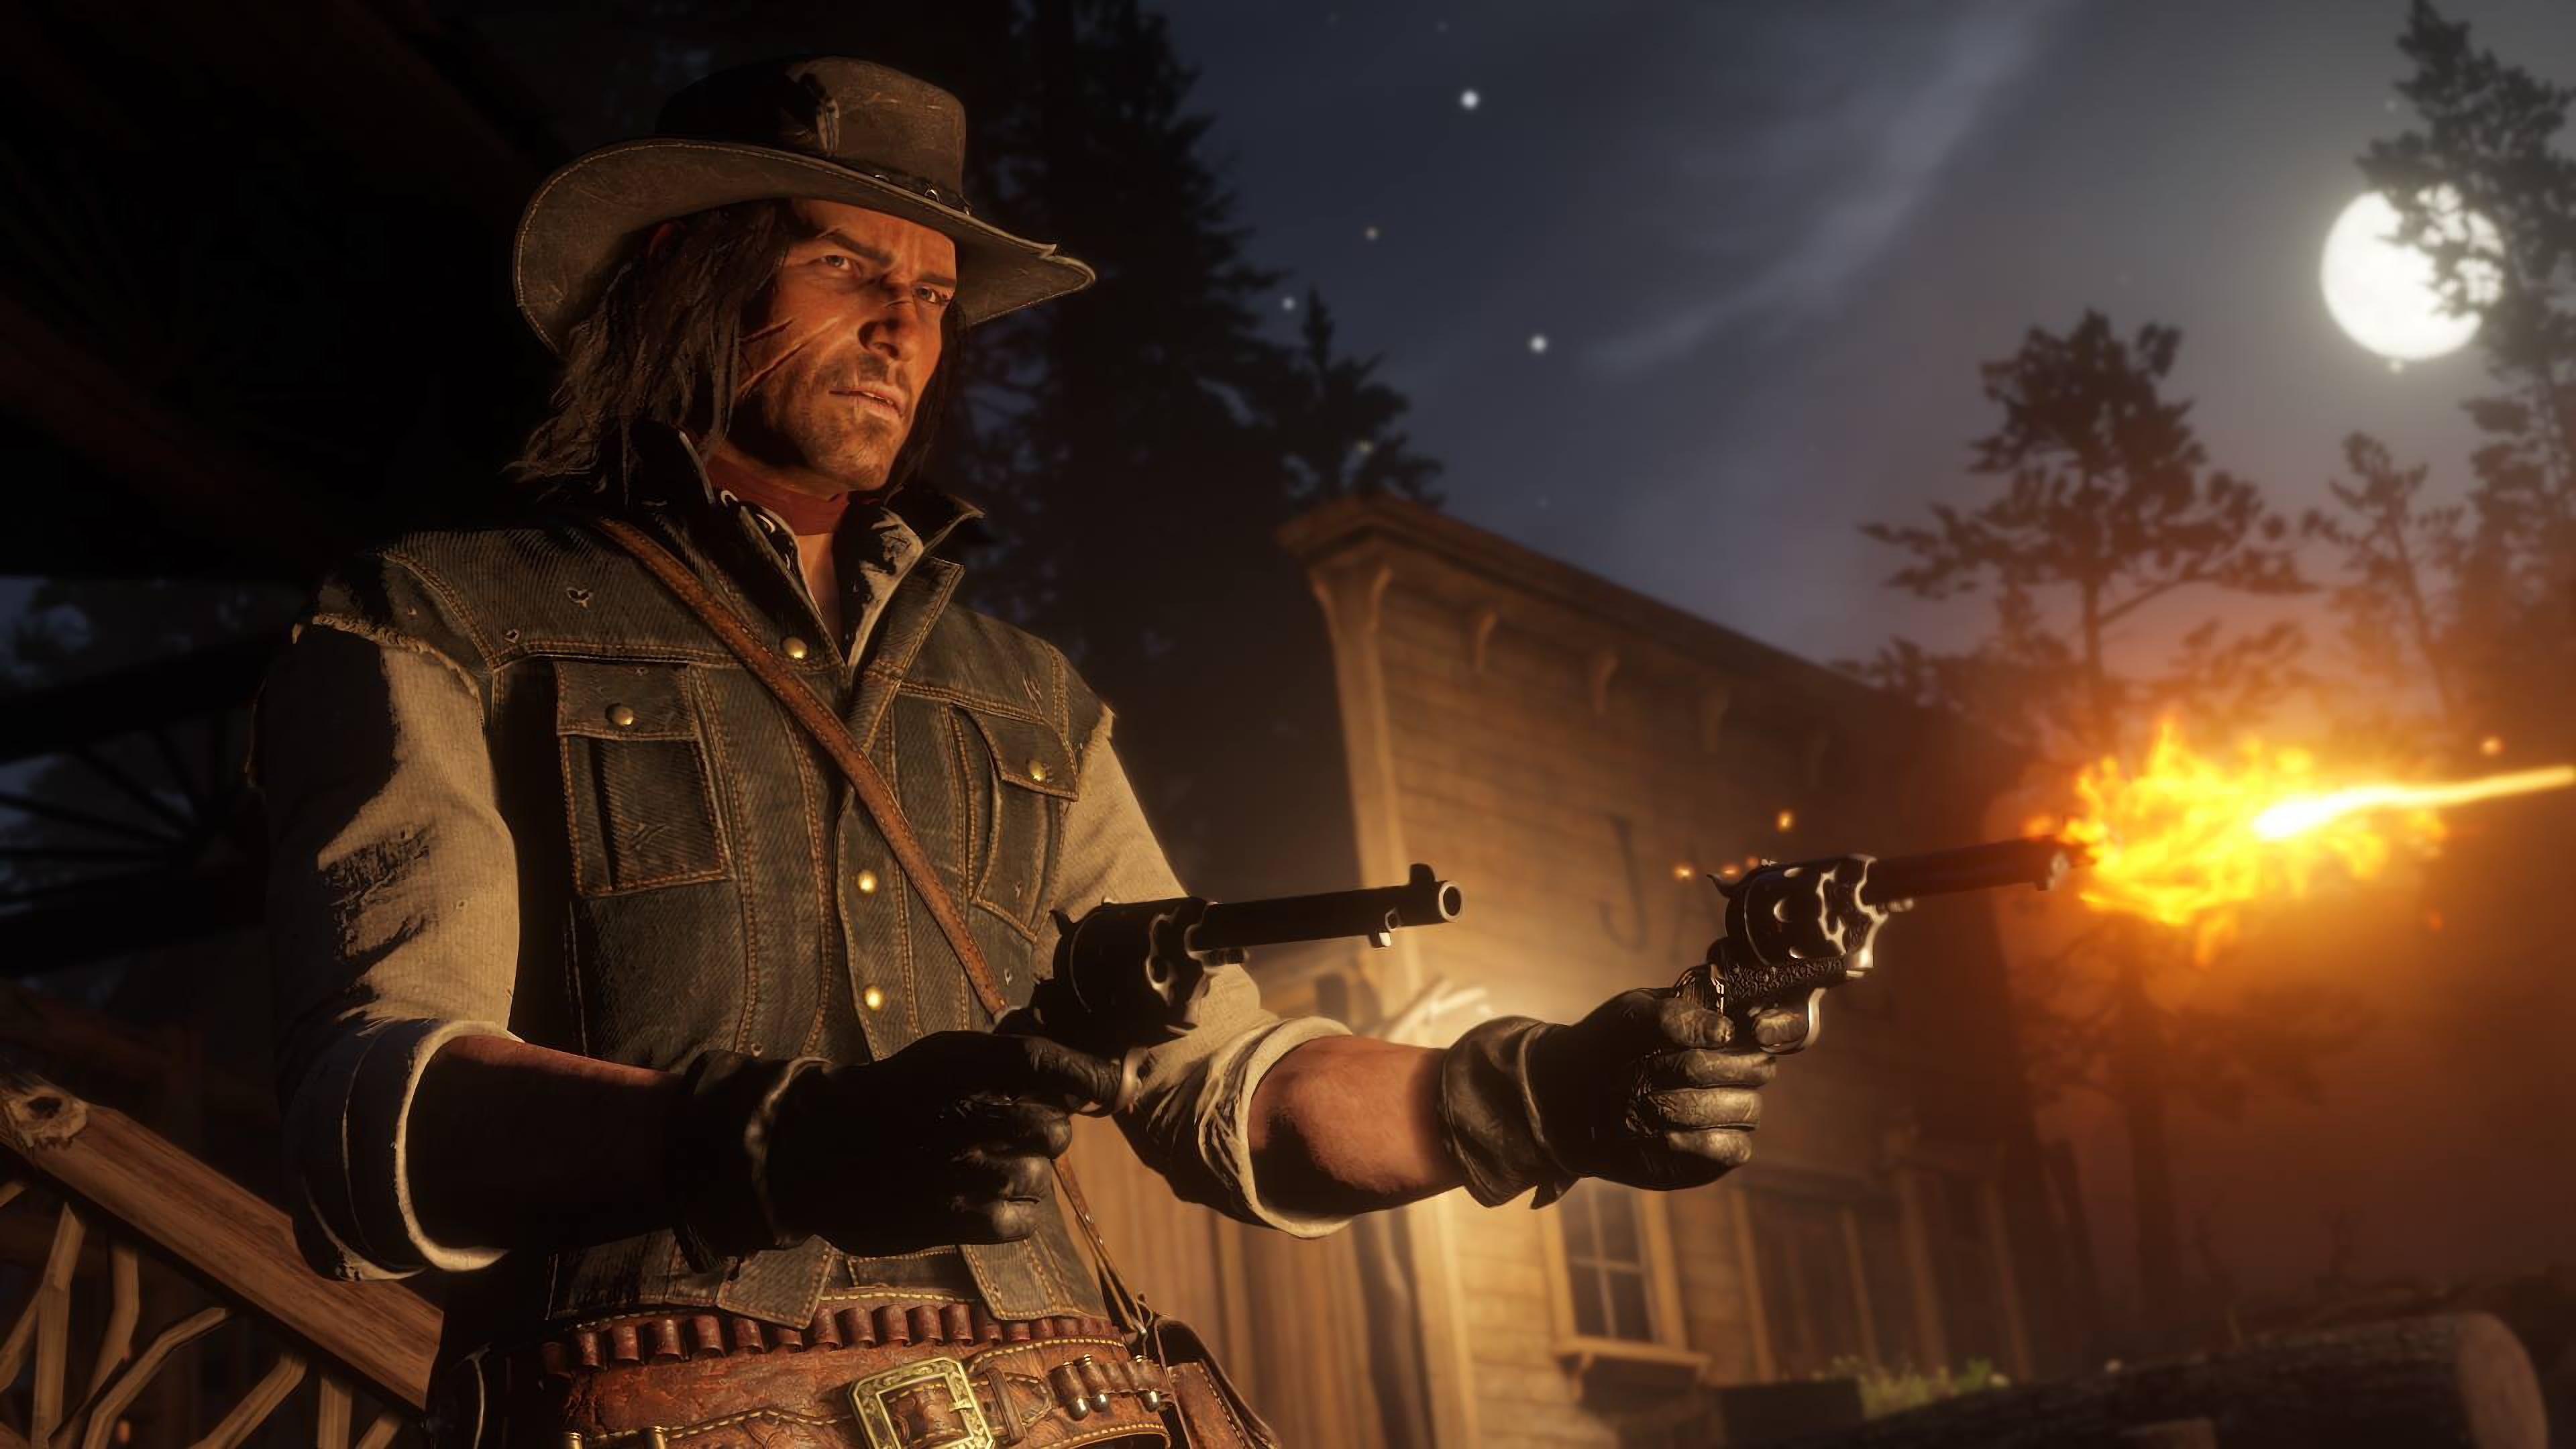 Wallpaper Rockstar Games John Marston Red Dead